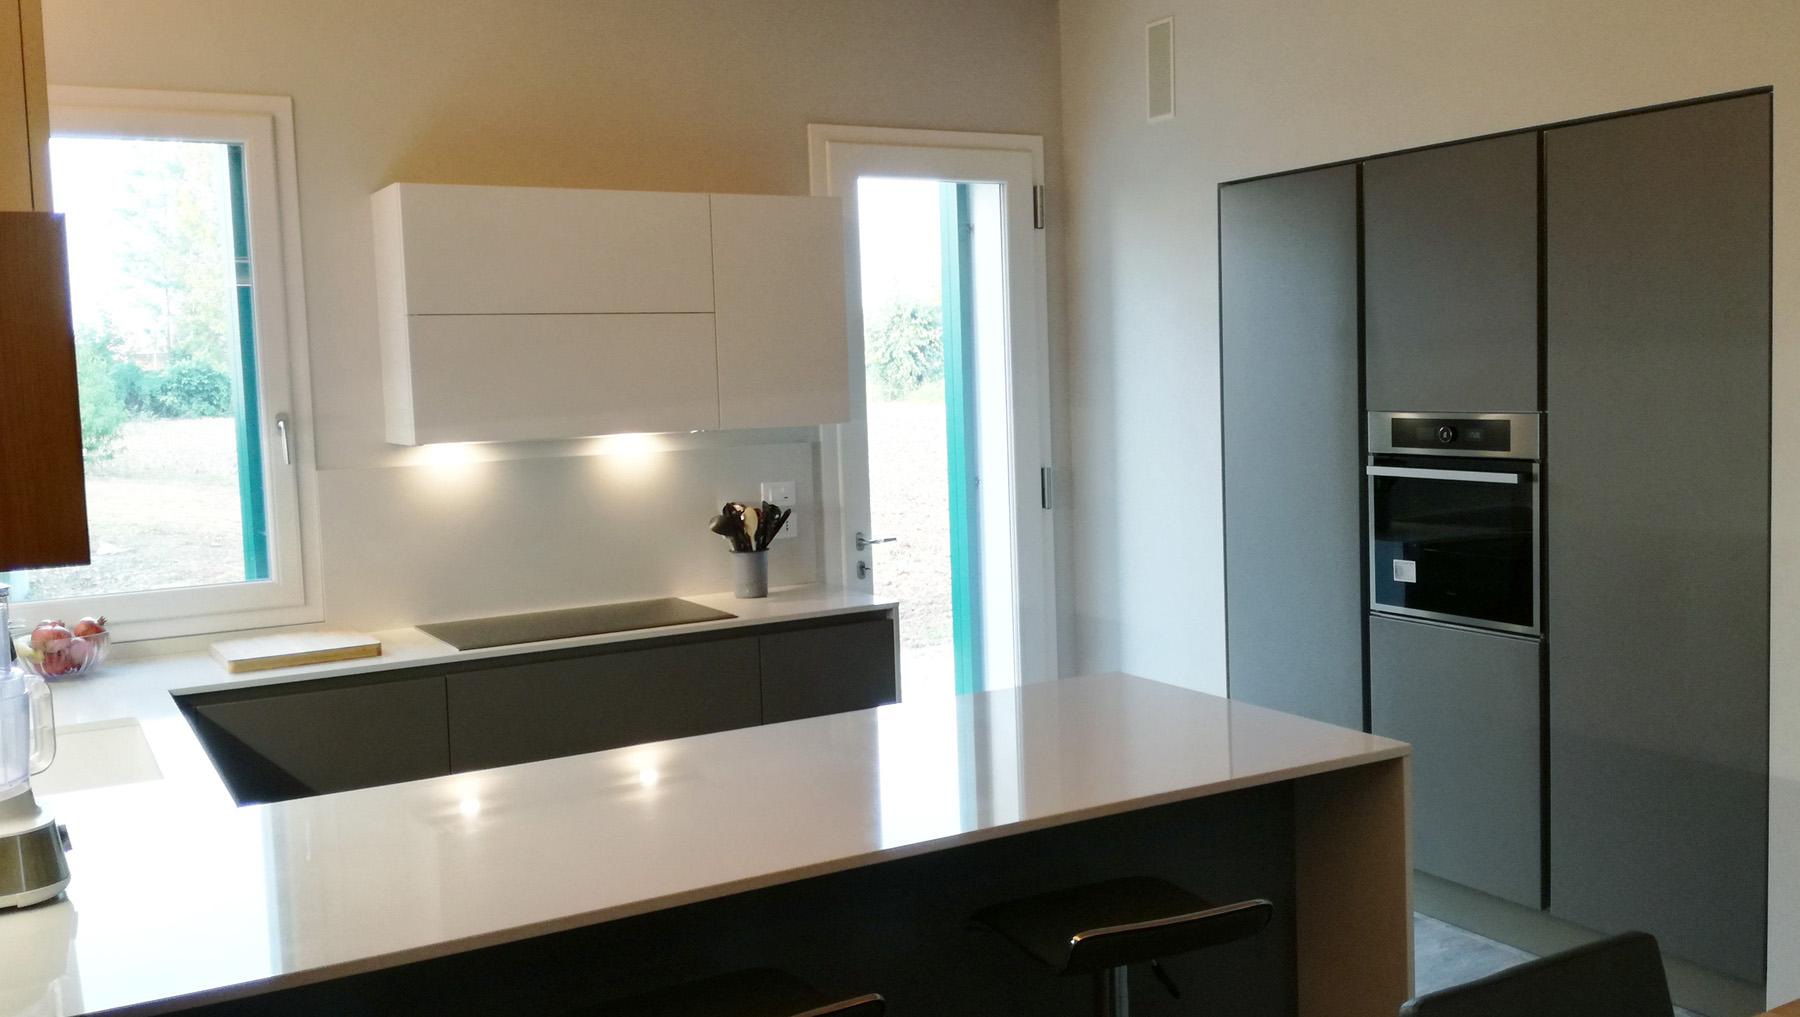 Cucina laccata grigio e bianco con penisola e colonne for Piano lavoro cucina